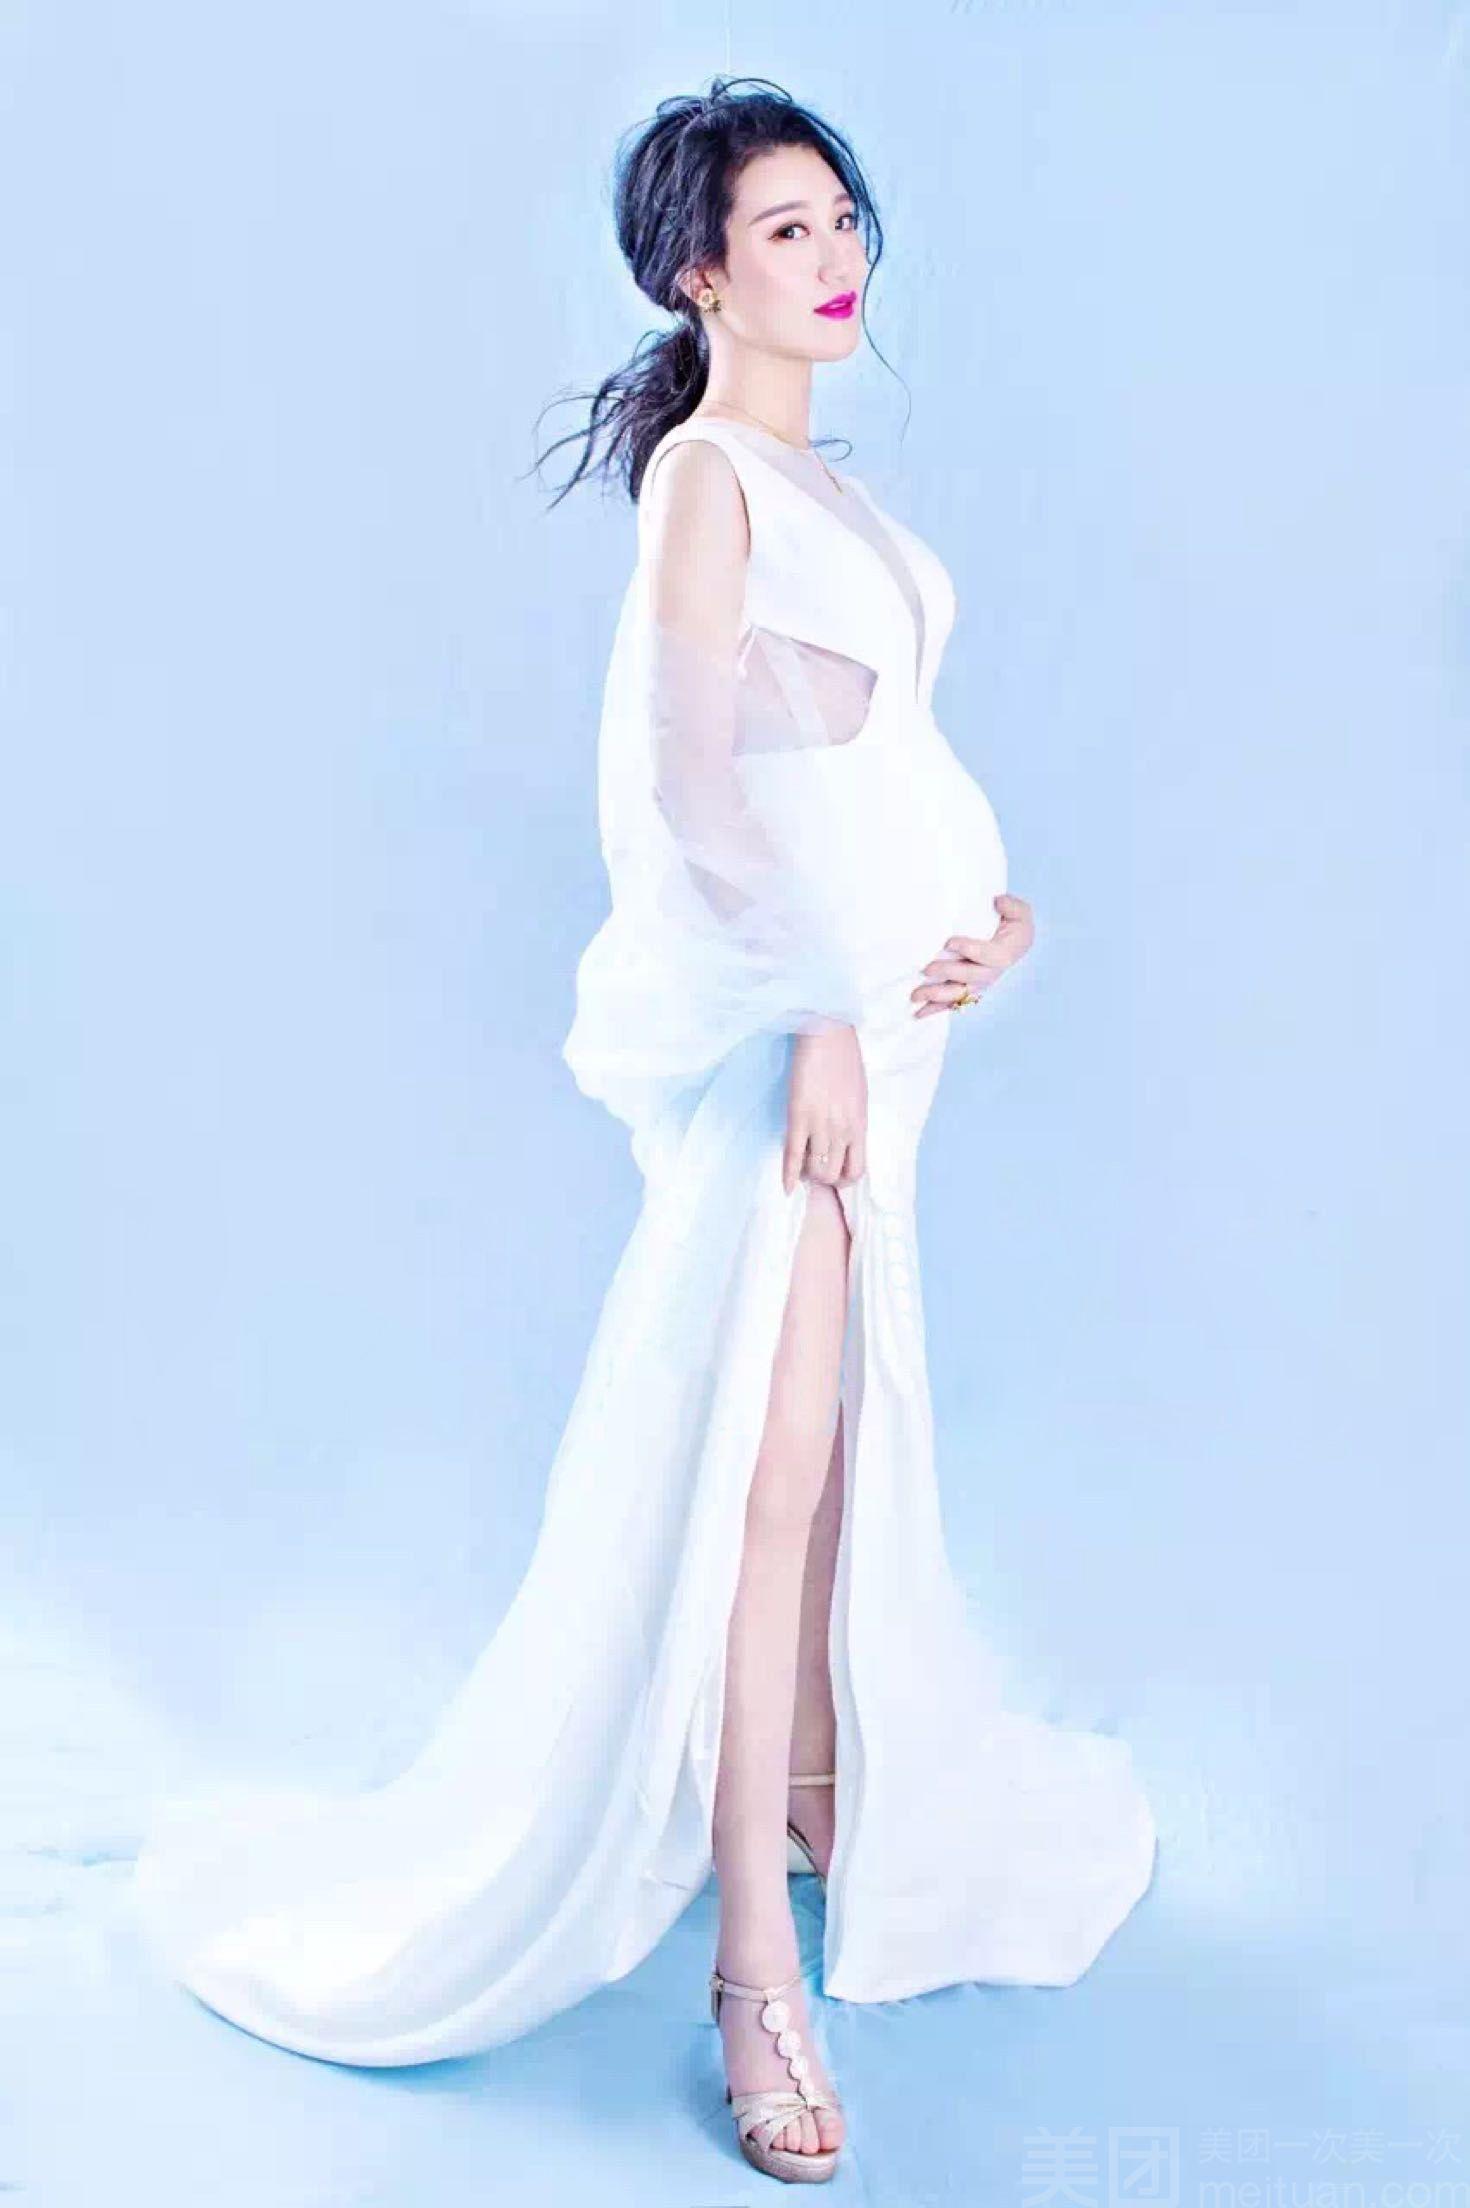 澜石摄影工作室-高端孕妇照孕味写真